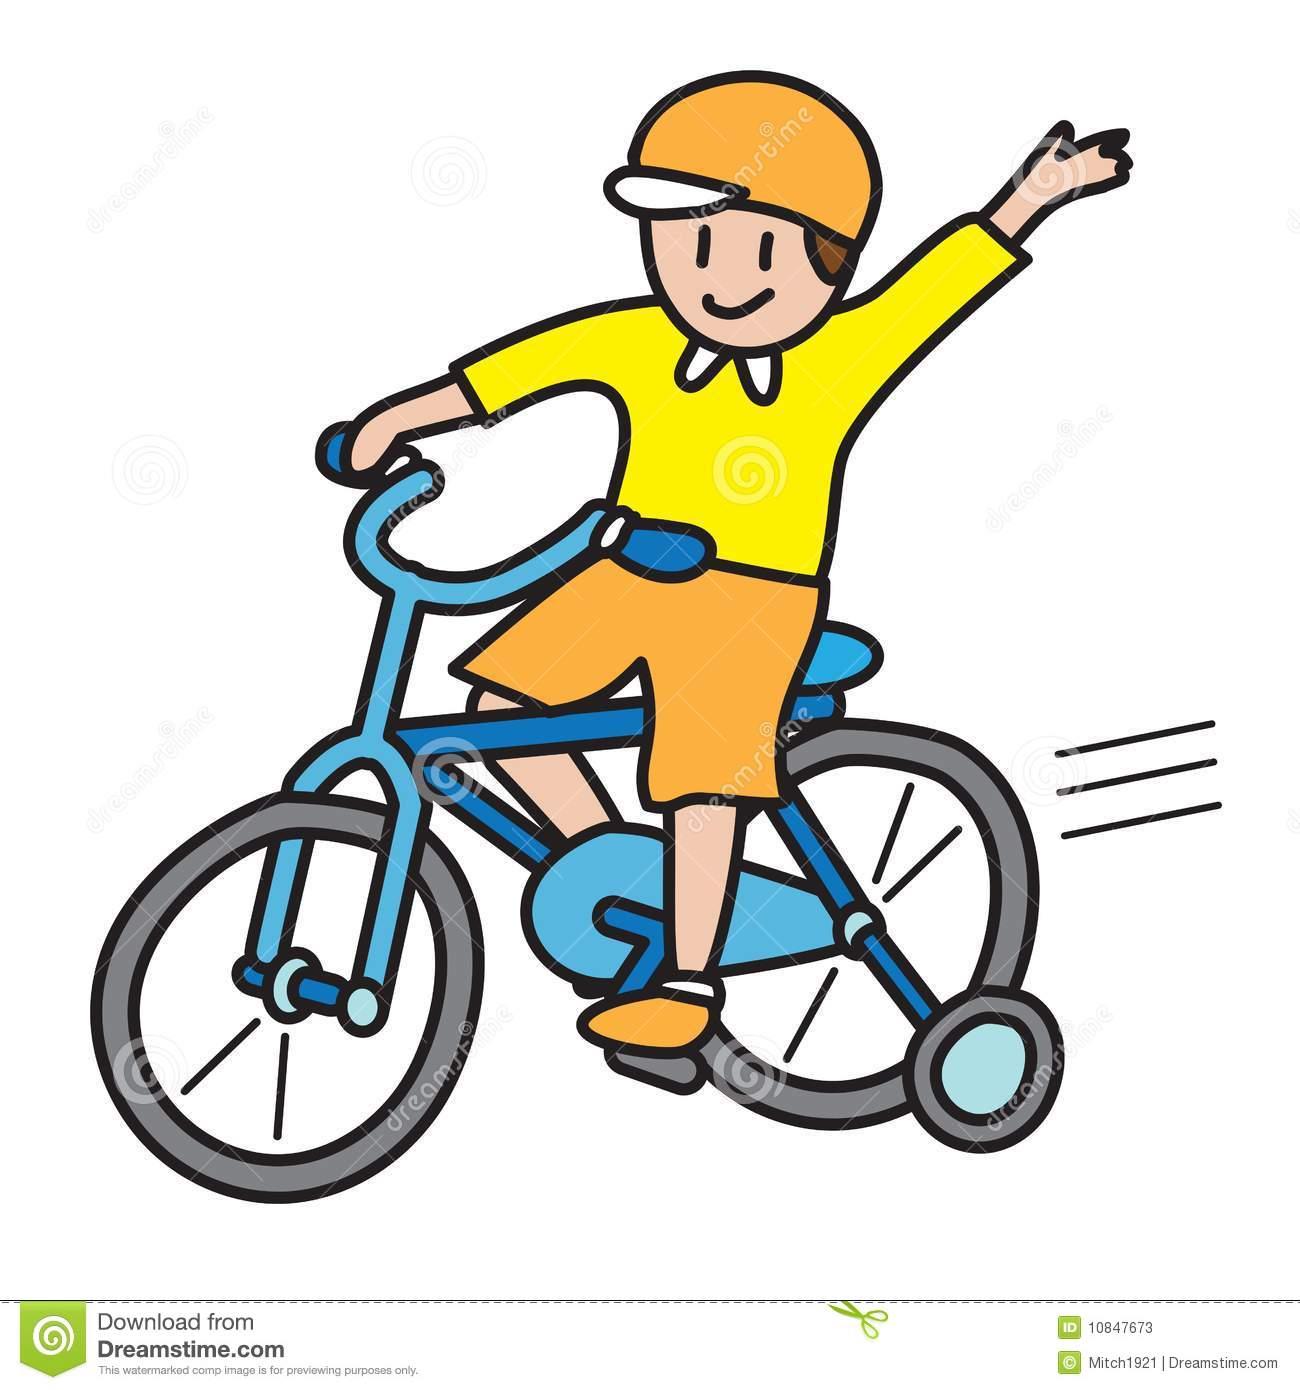 Biker clipart person Cliparts Riding Bike Rider Rider